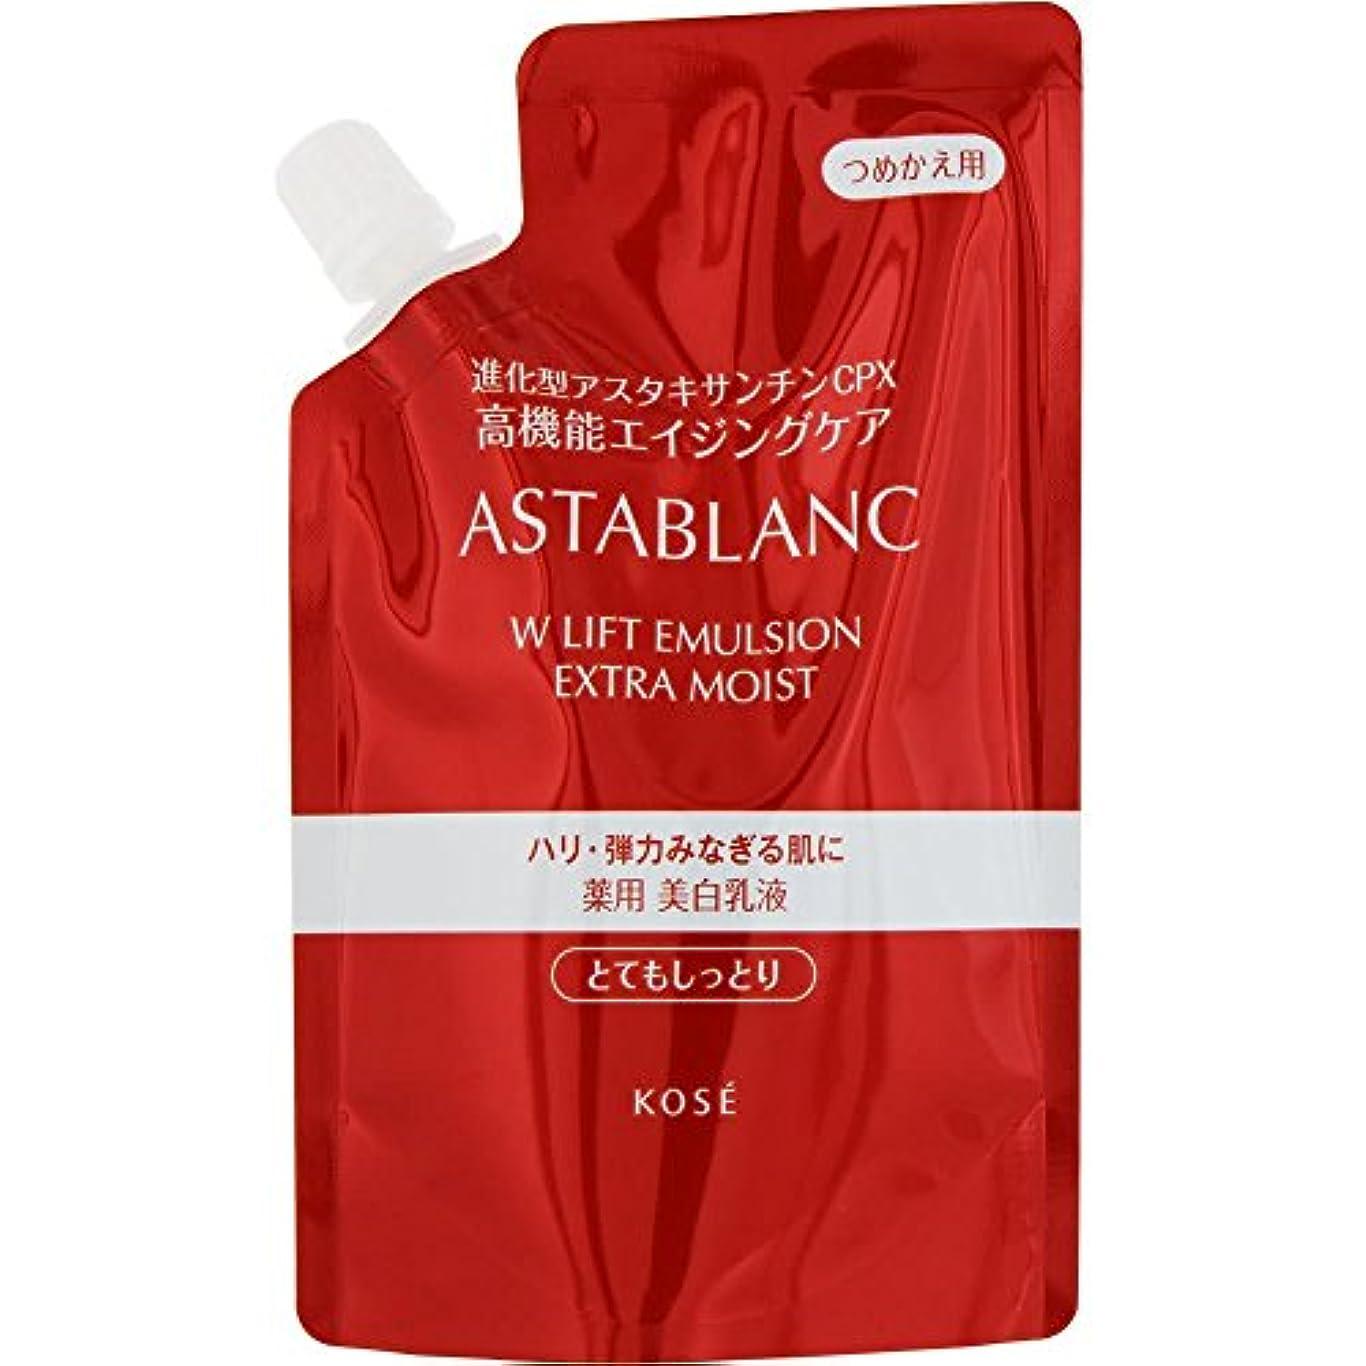 アクティブ防腐剤品種[医薬部外品] アスタブラン Wリフト エマルジョン とてもしっとり (つめかえ用) 90mL